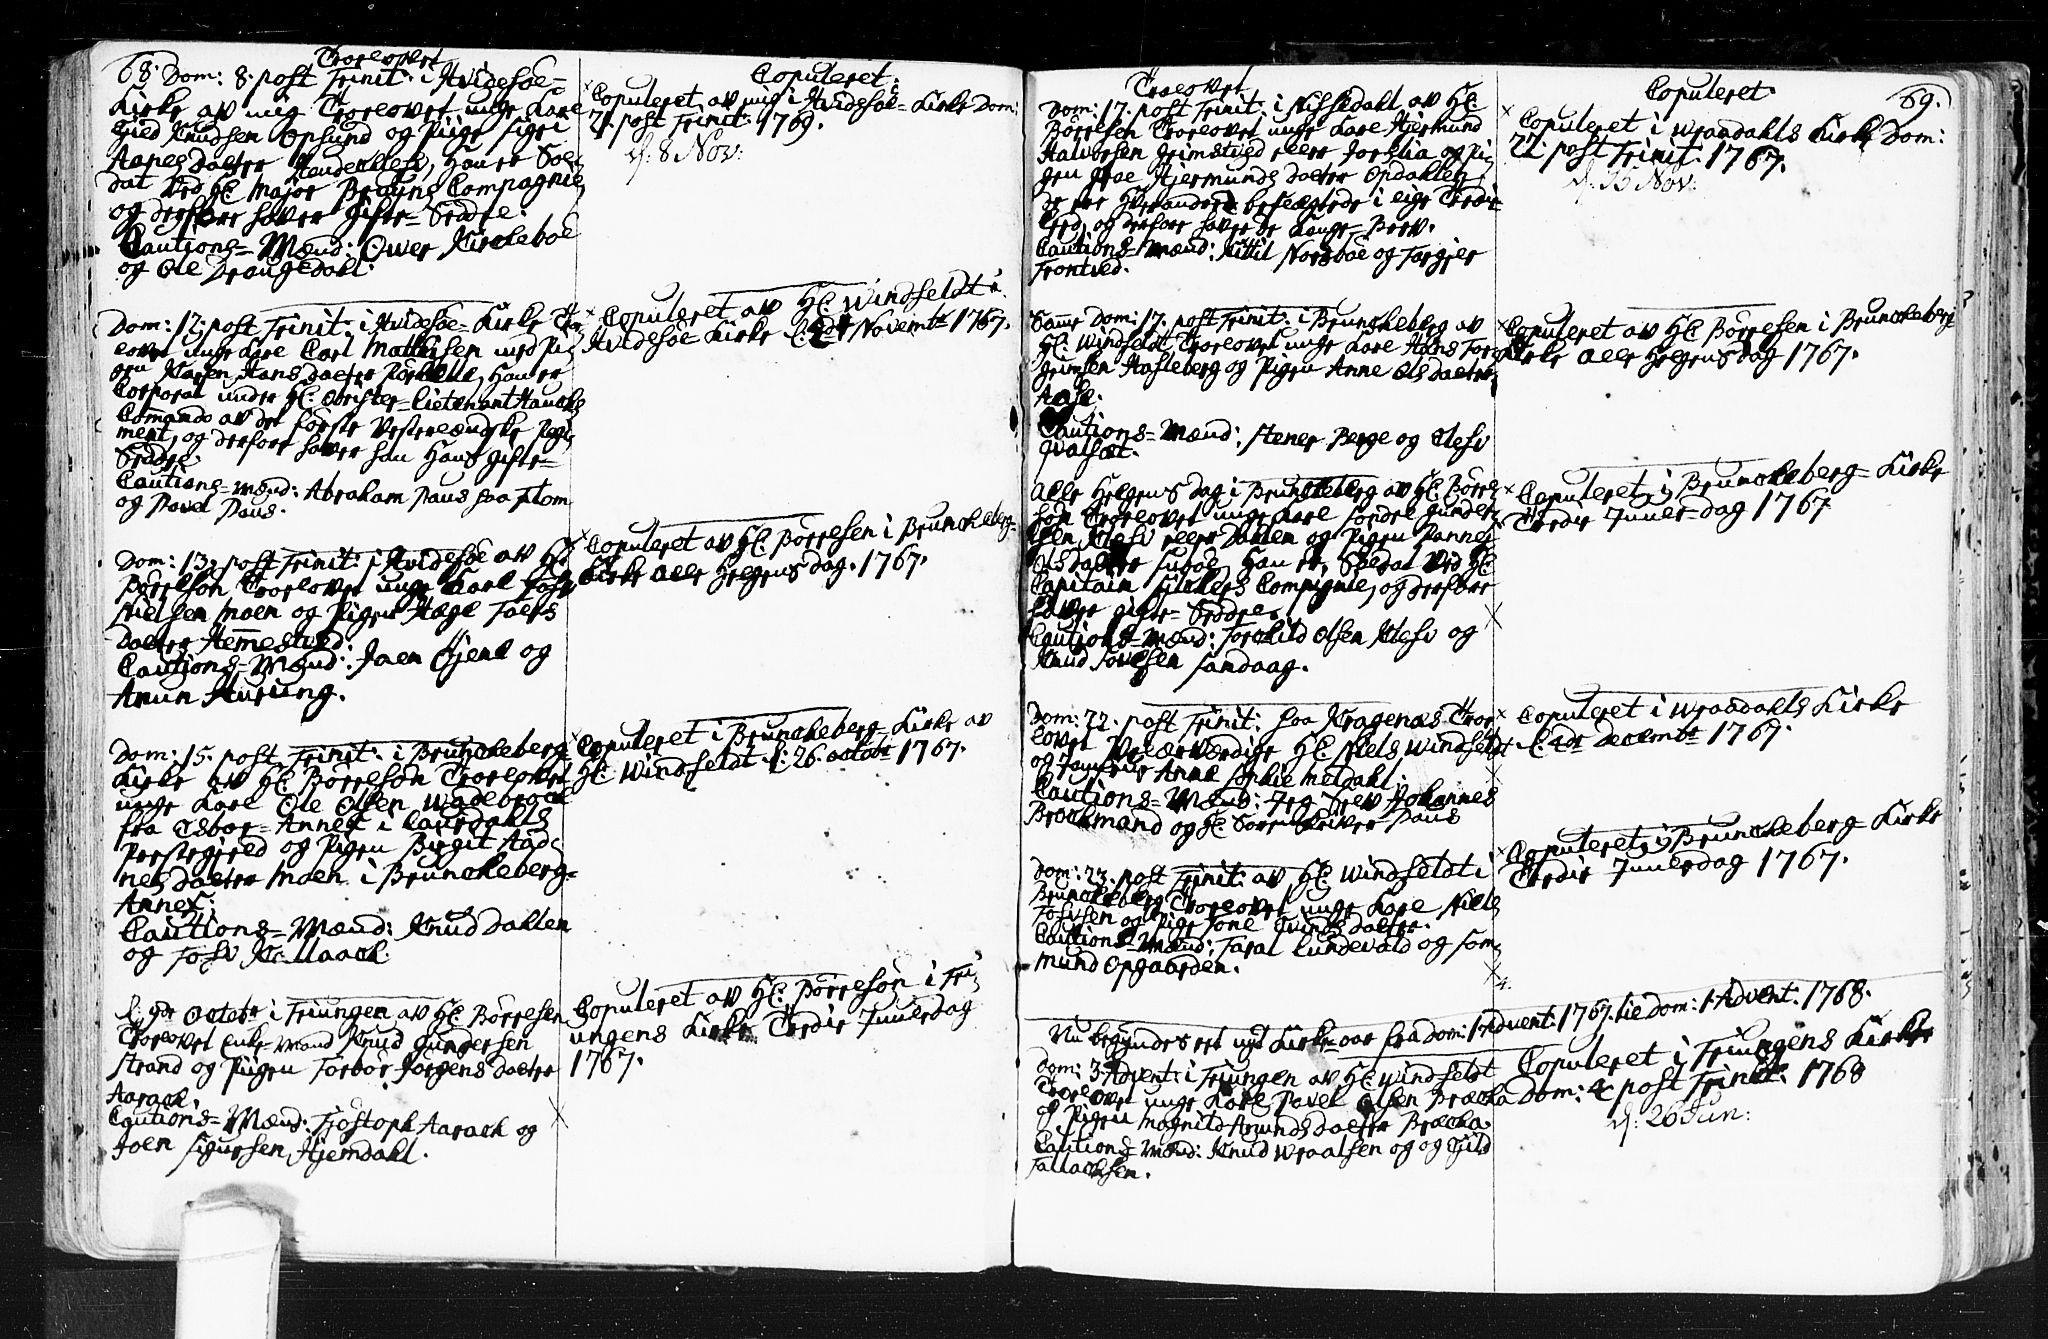 SAKO, Kviteseid kirkebøker, F/Fa/L0001: Ministerialbok nr. I 1, 1754-1773, s. 68-69